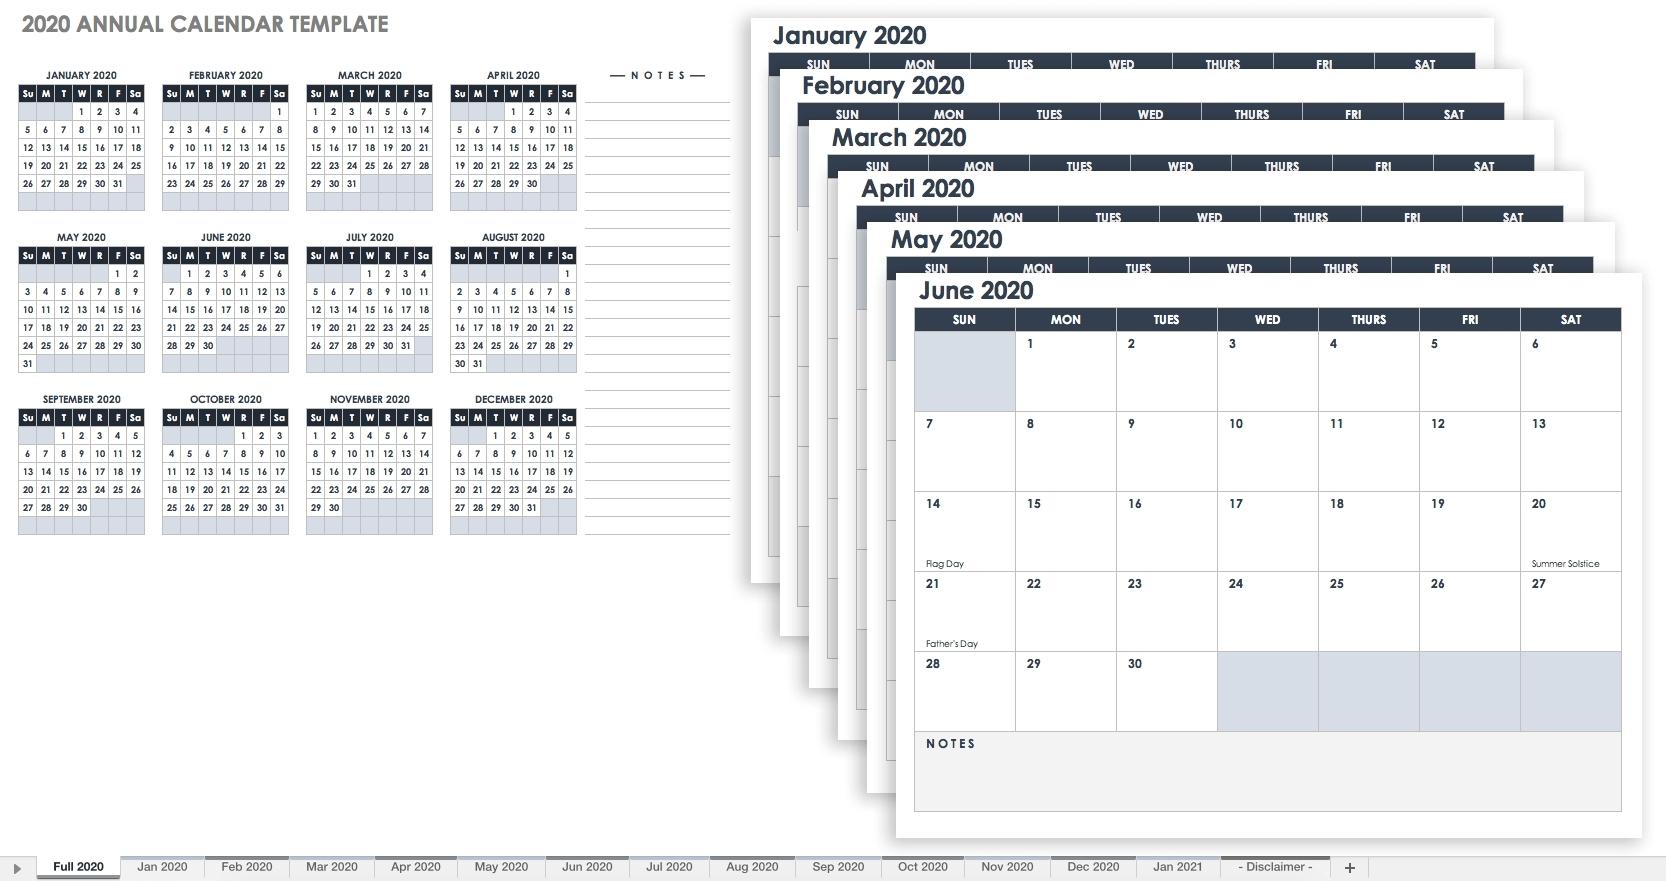 Julian Calendar Perpetual And Leap Year - Calendar